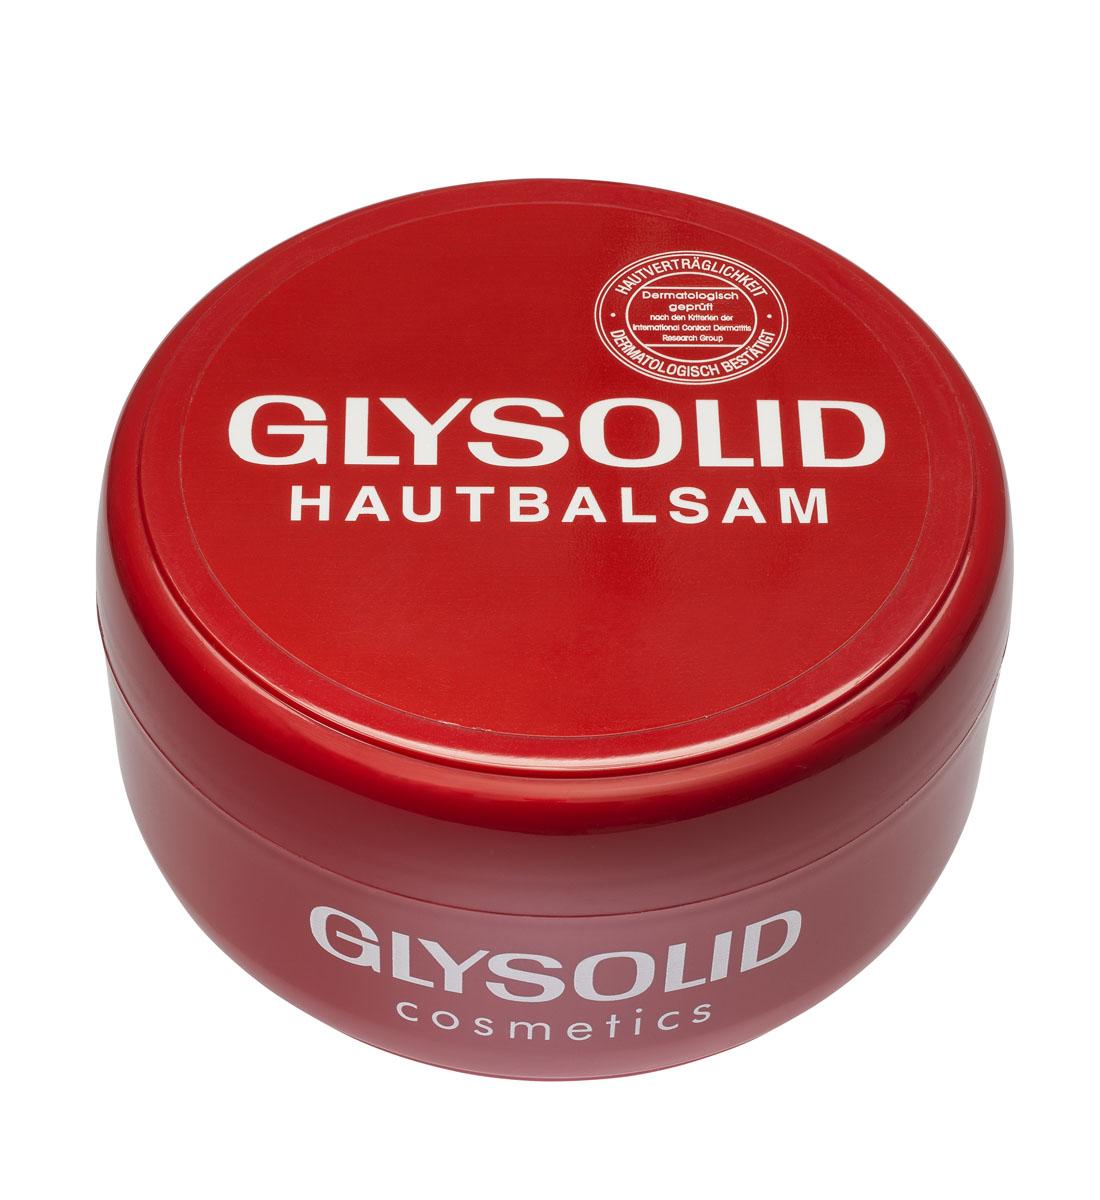 Glysolid Бальзам для кожи рук 200 млБ 63001Бальзам для кожи Glysolid - быстрая помощь для потрескавшейся и сухой кожи. Glysolid питает, заживляет раны, поддерживает регенерацию кожи, одновременно защищая ее. Без запаха. Гипоаллергенен. При регулярном применении быстро и надолго улучшит состояние Вашей кожи. Для всей семьи на каждый день. Подходит для детей с первых дней жизни и людям с заболеваниями кожного покрова. Без консервантов, красителей, парабенов, дерматологически протестирован.